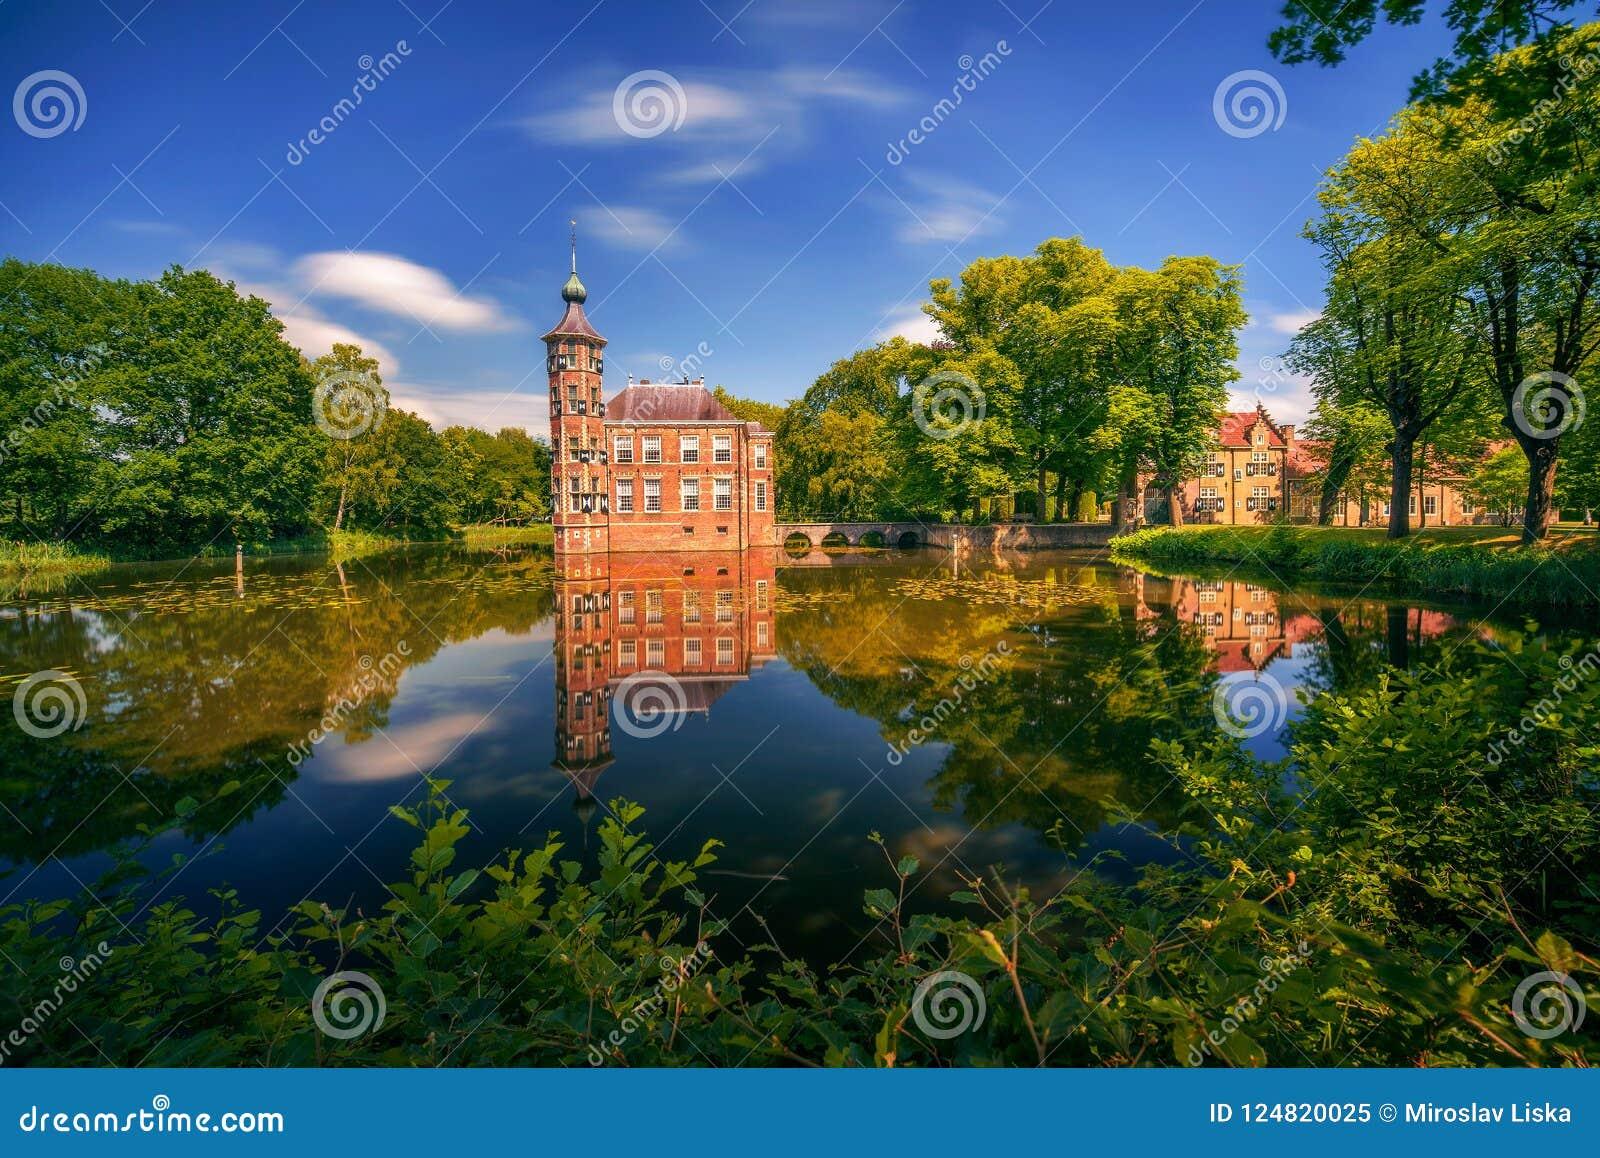 Retranchez-vous Bouvigne et le parc environnant à Breda, Pays-Bas